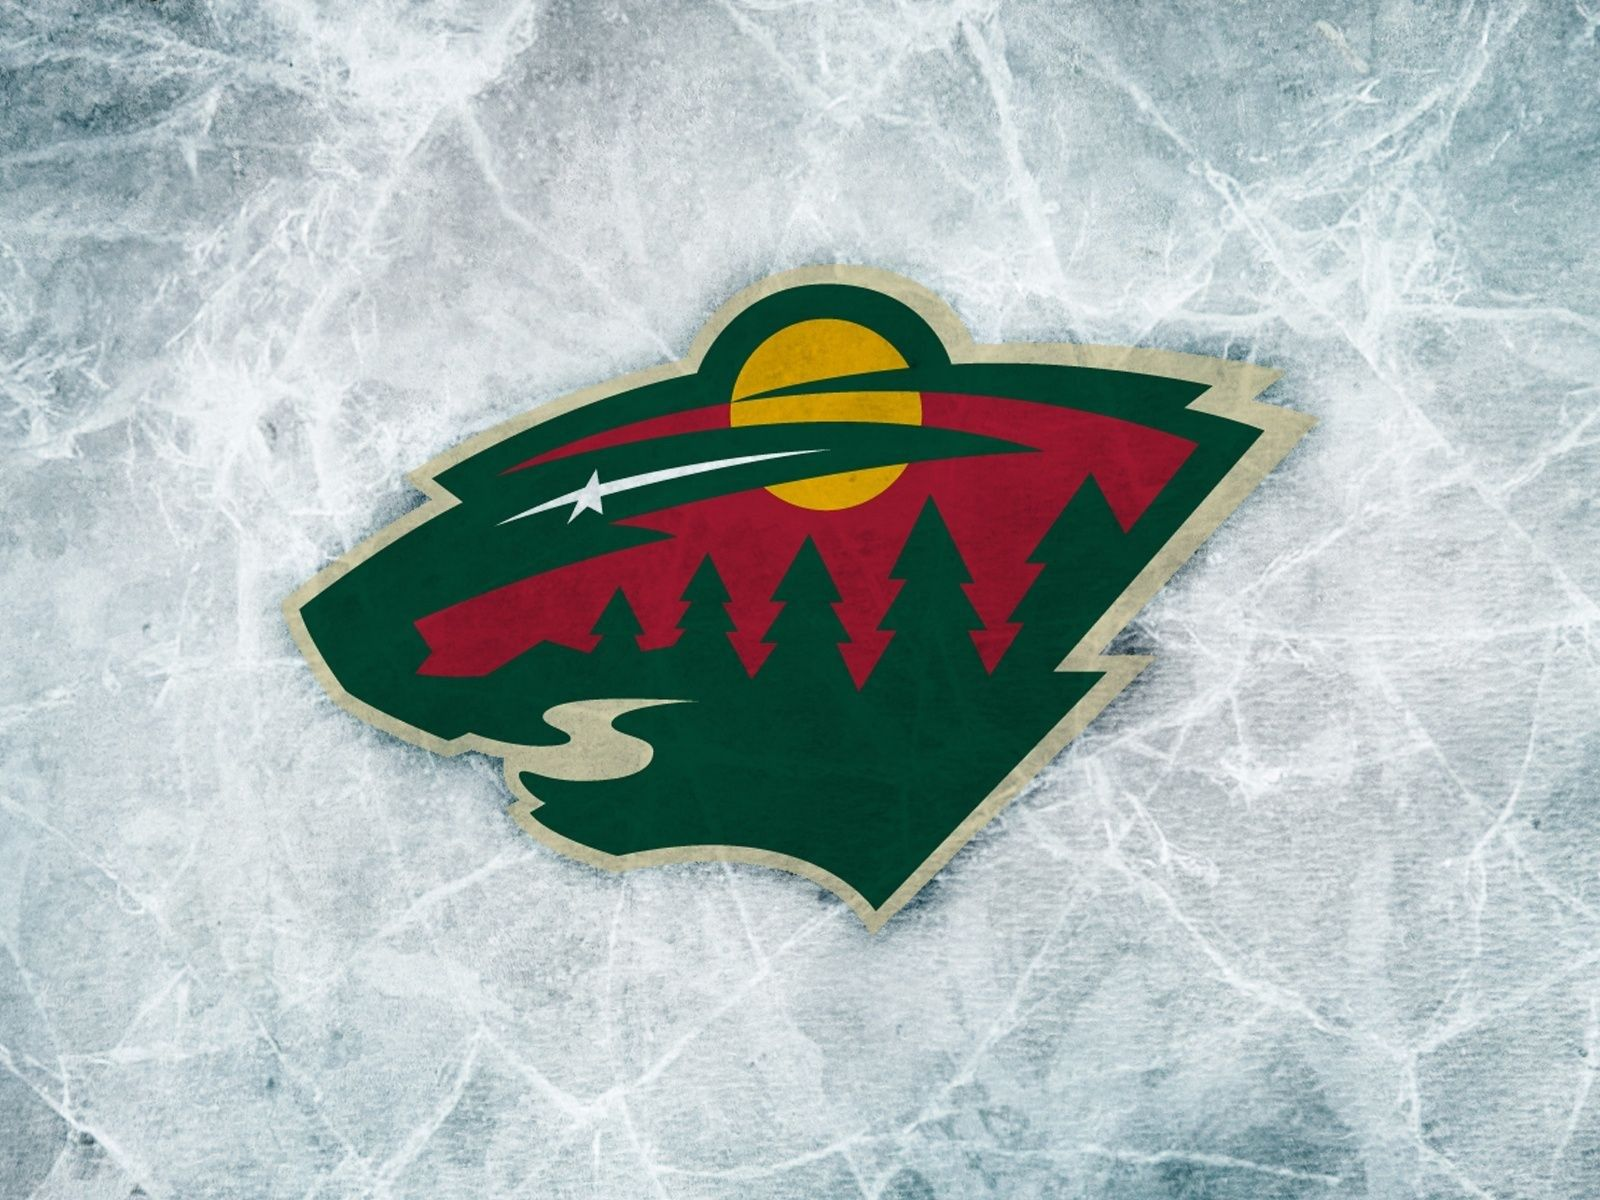 Minnesota Wild Wallpaper Hd Minnesota Wild Minnesota Wild Hockey Wild Hockey